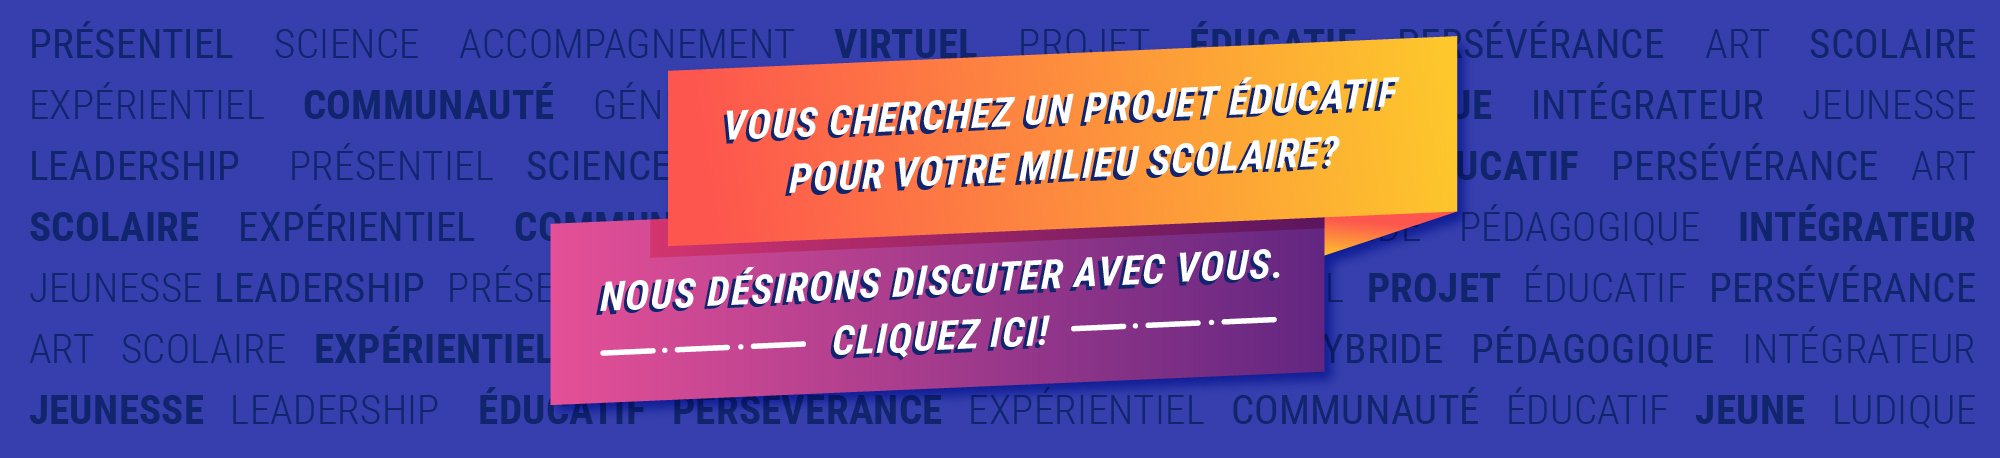 01.projeteducatif_fr